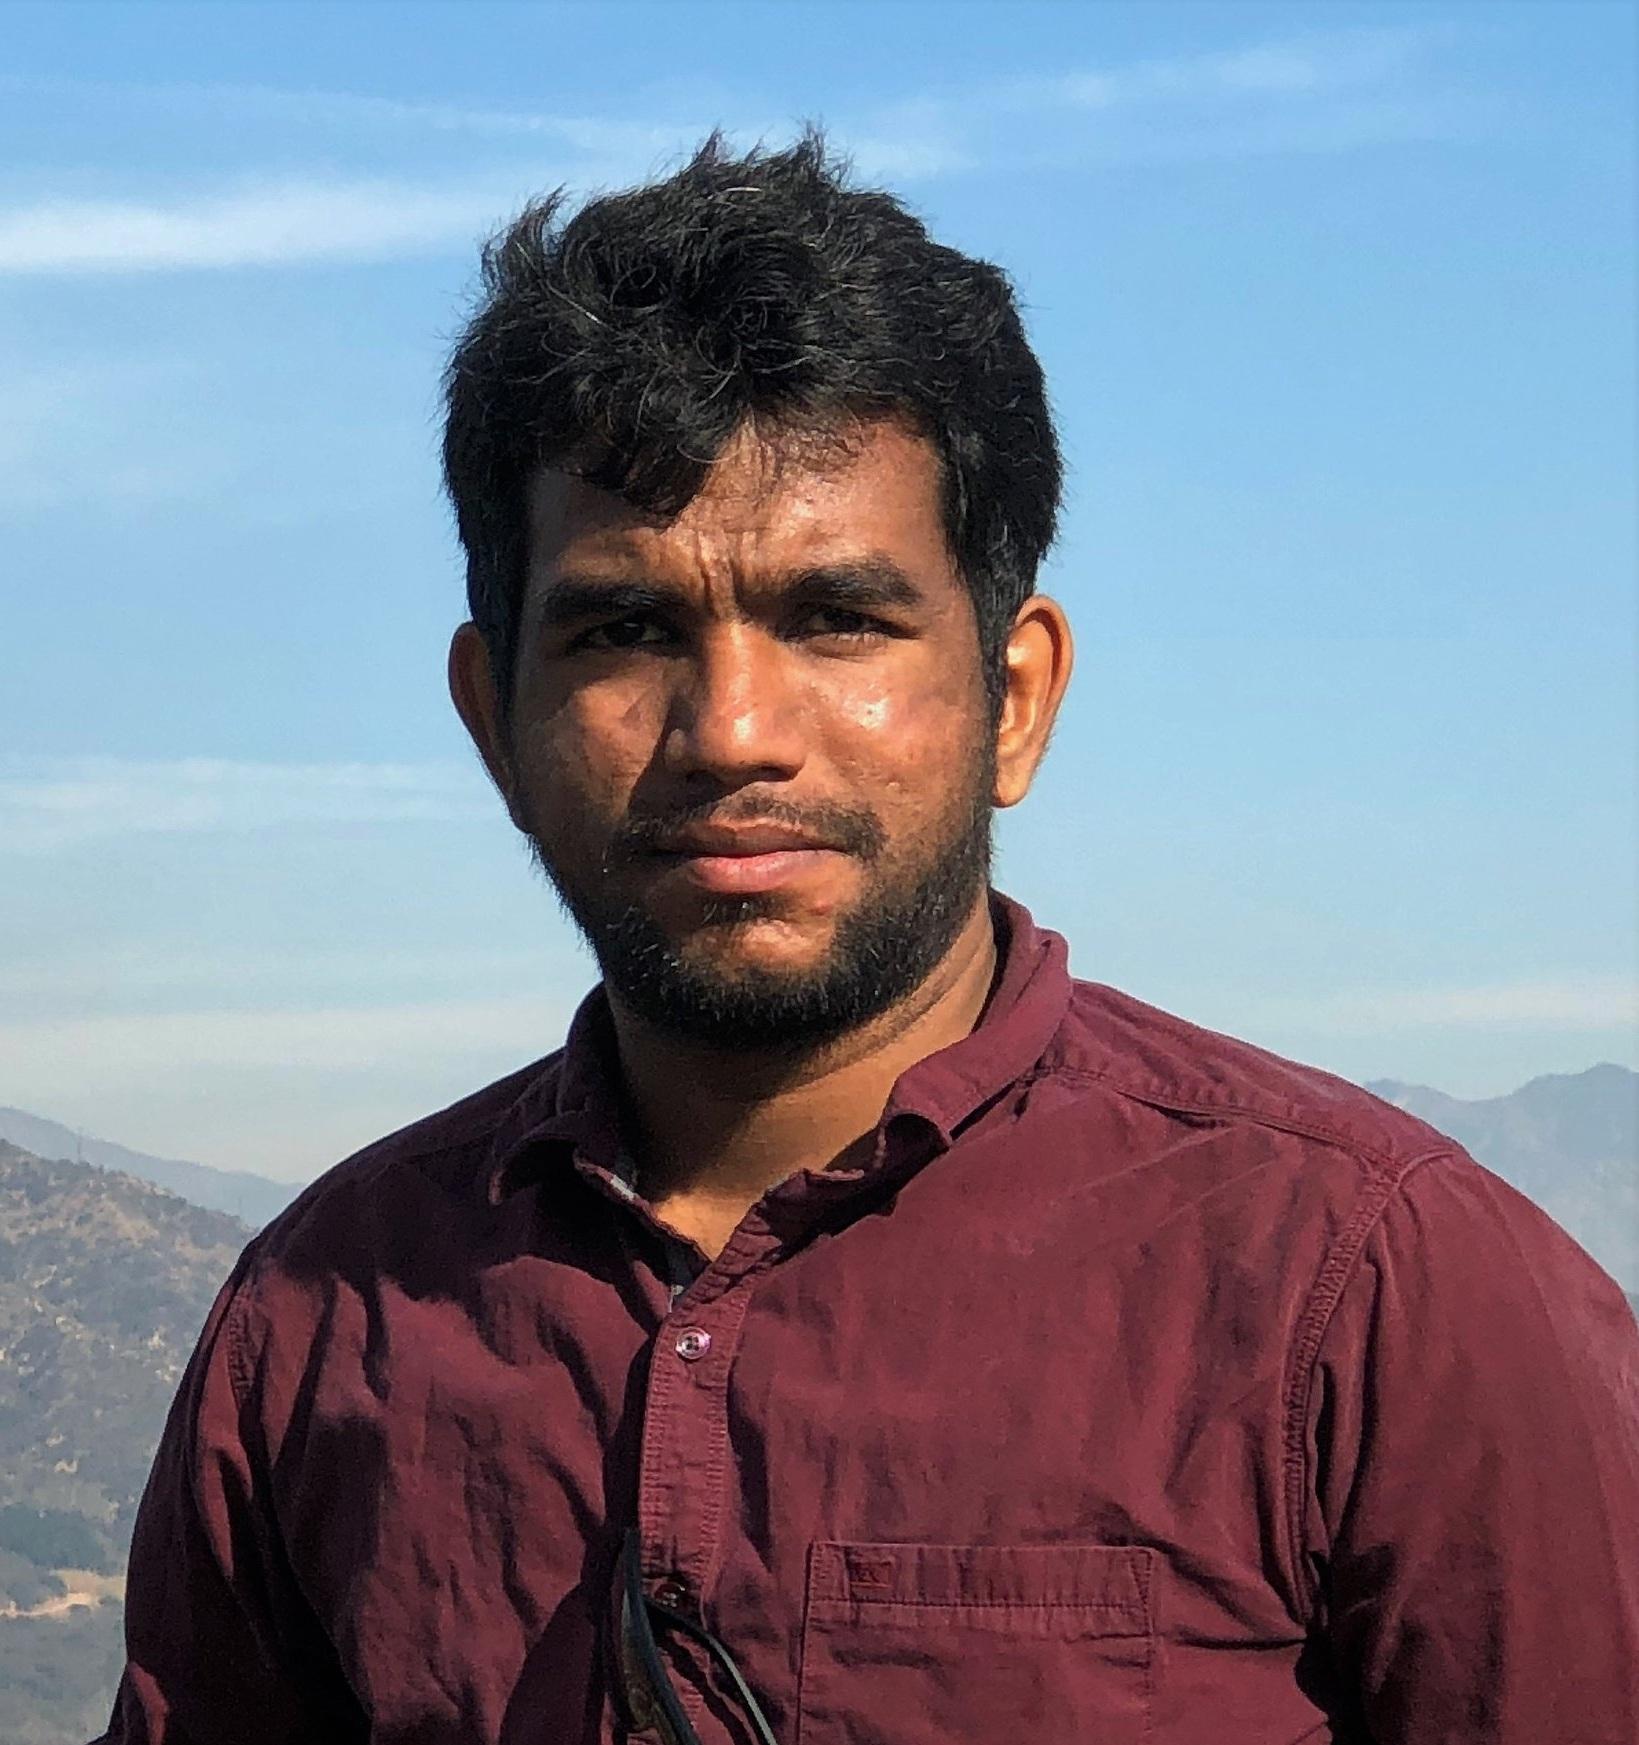 portrait_uba_kanthasamy.jpg